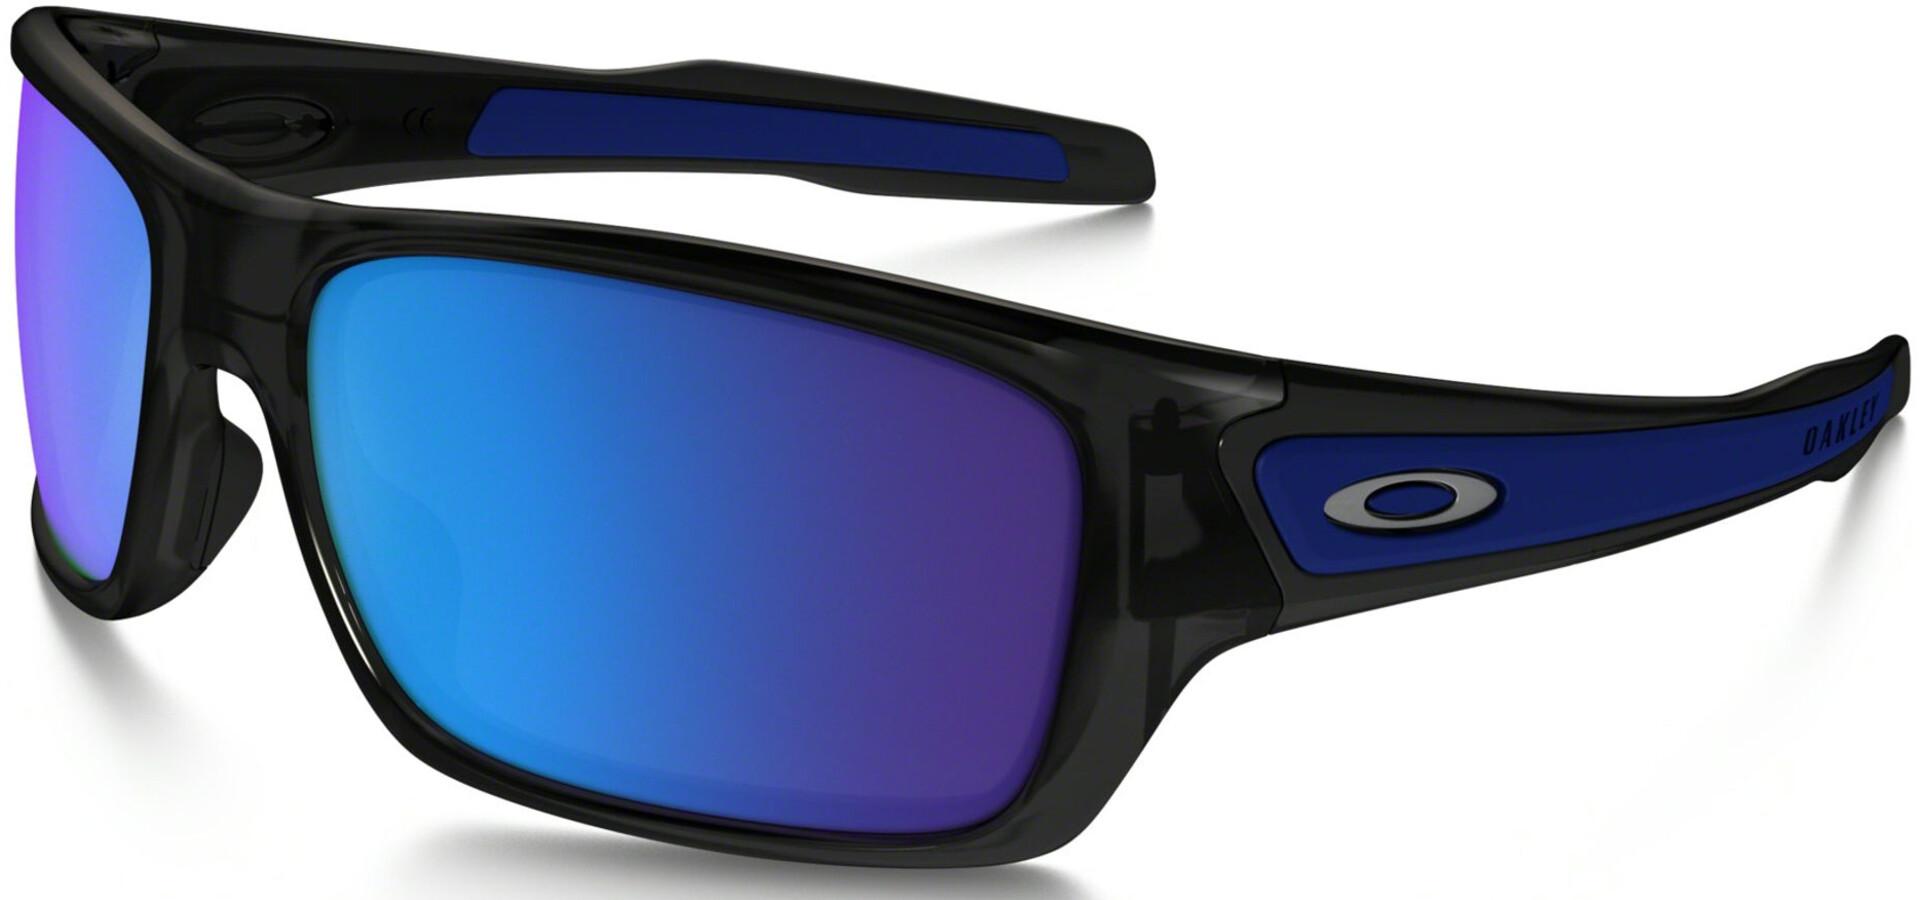 8b43ae764729e Oakley Turbine XS - Lunettes cyclisme - bleu noir - Boutique de ...